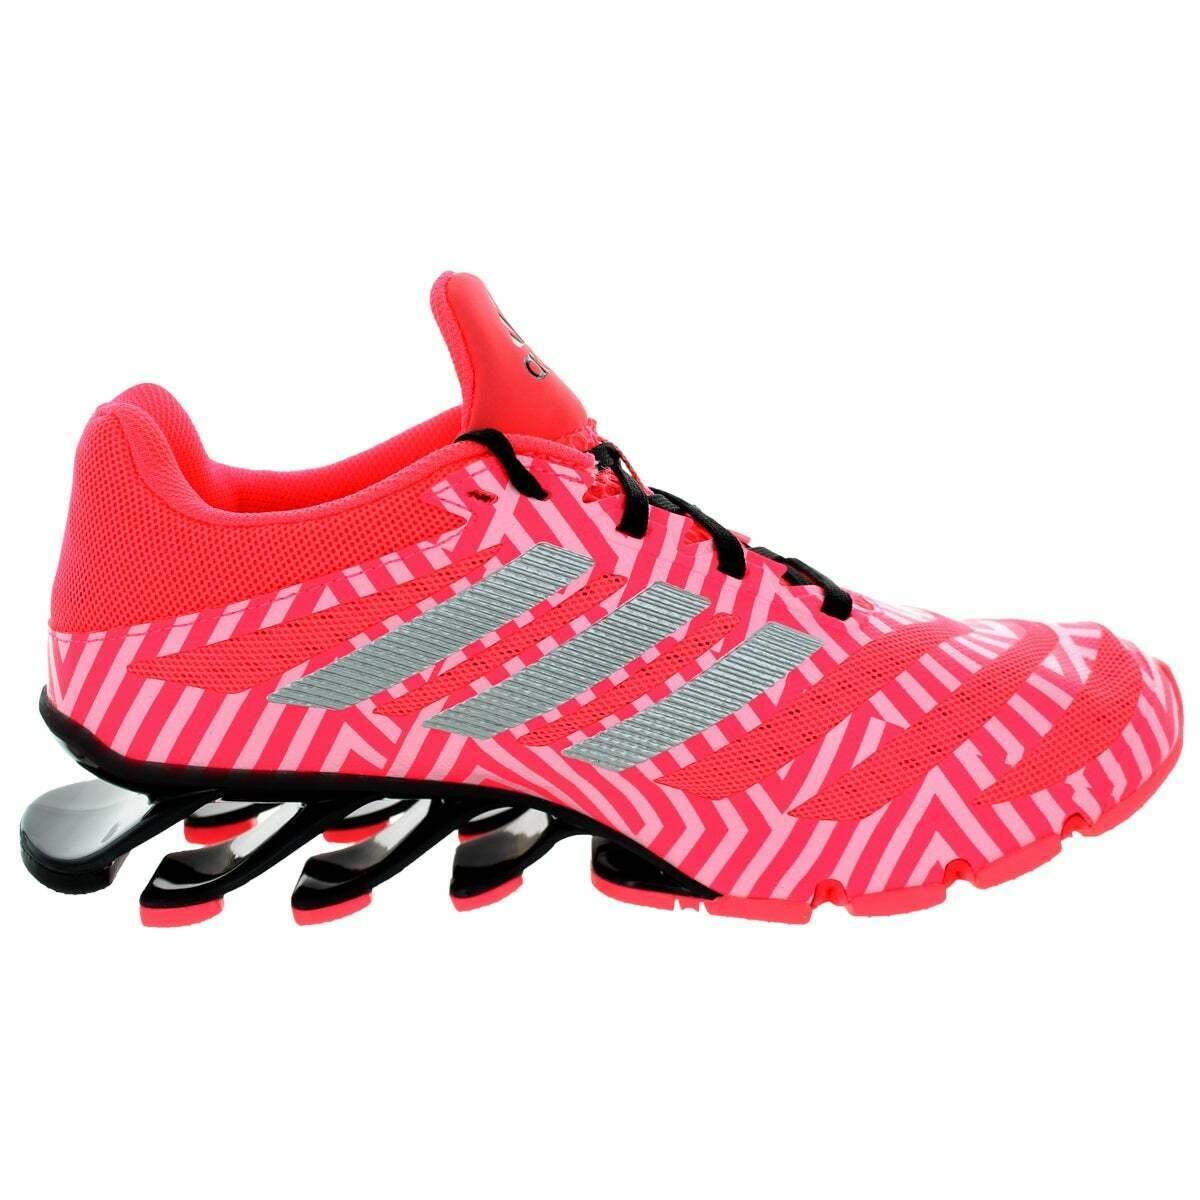 Nuevos productos de artículos novedosos. Nuevas zapatillas para para para mujer Adidas Springblade Ignite rojo D69694  hasta 42% de descuento